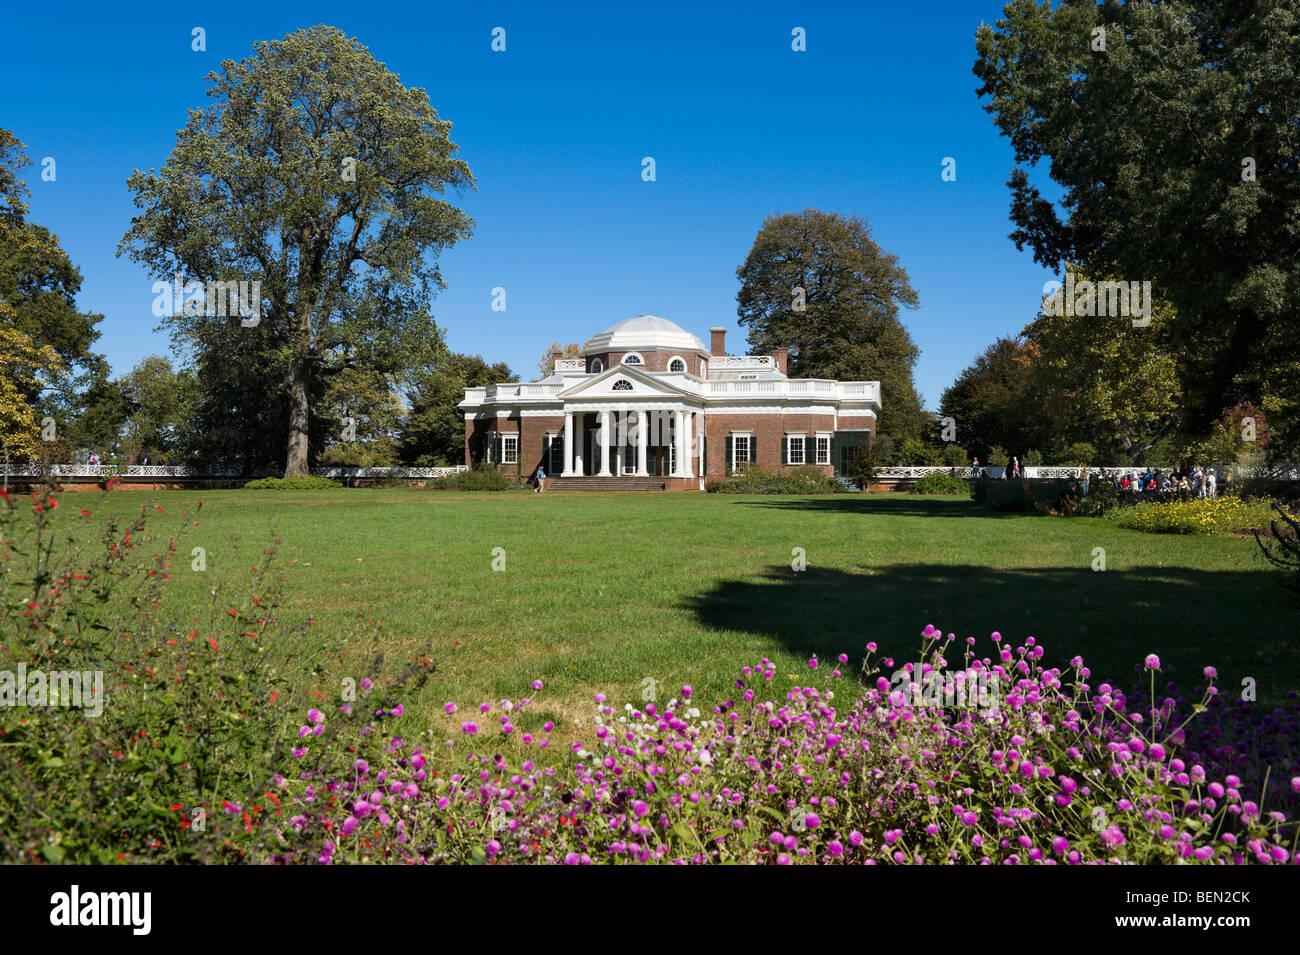 La casa de Thomas Jefferson, Monticello, en Charlottesville, Virginia, EE.UU. Imagen De Stock